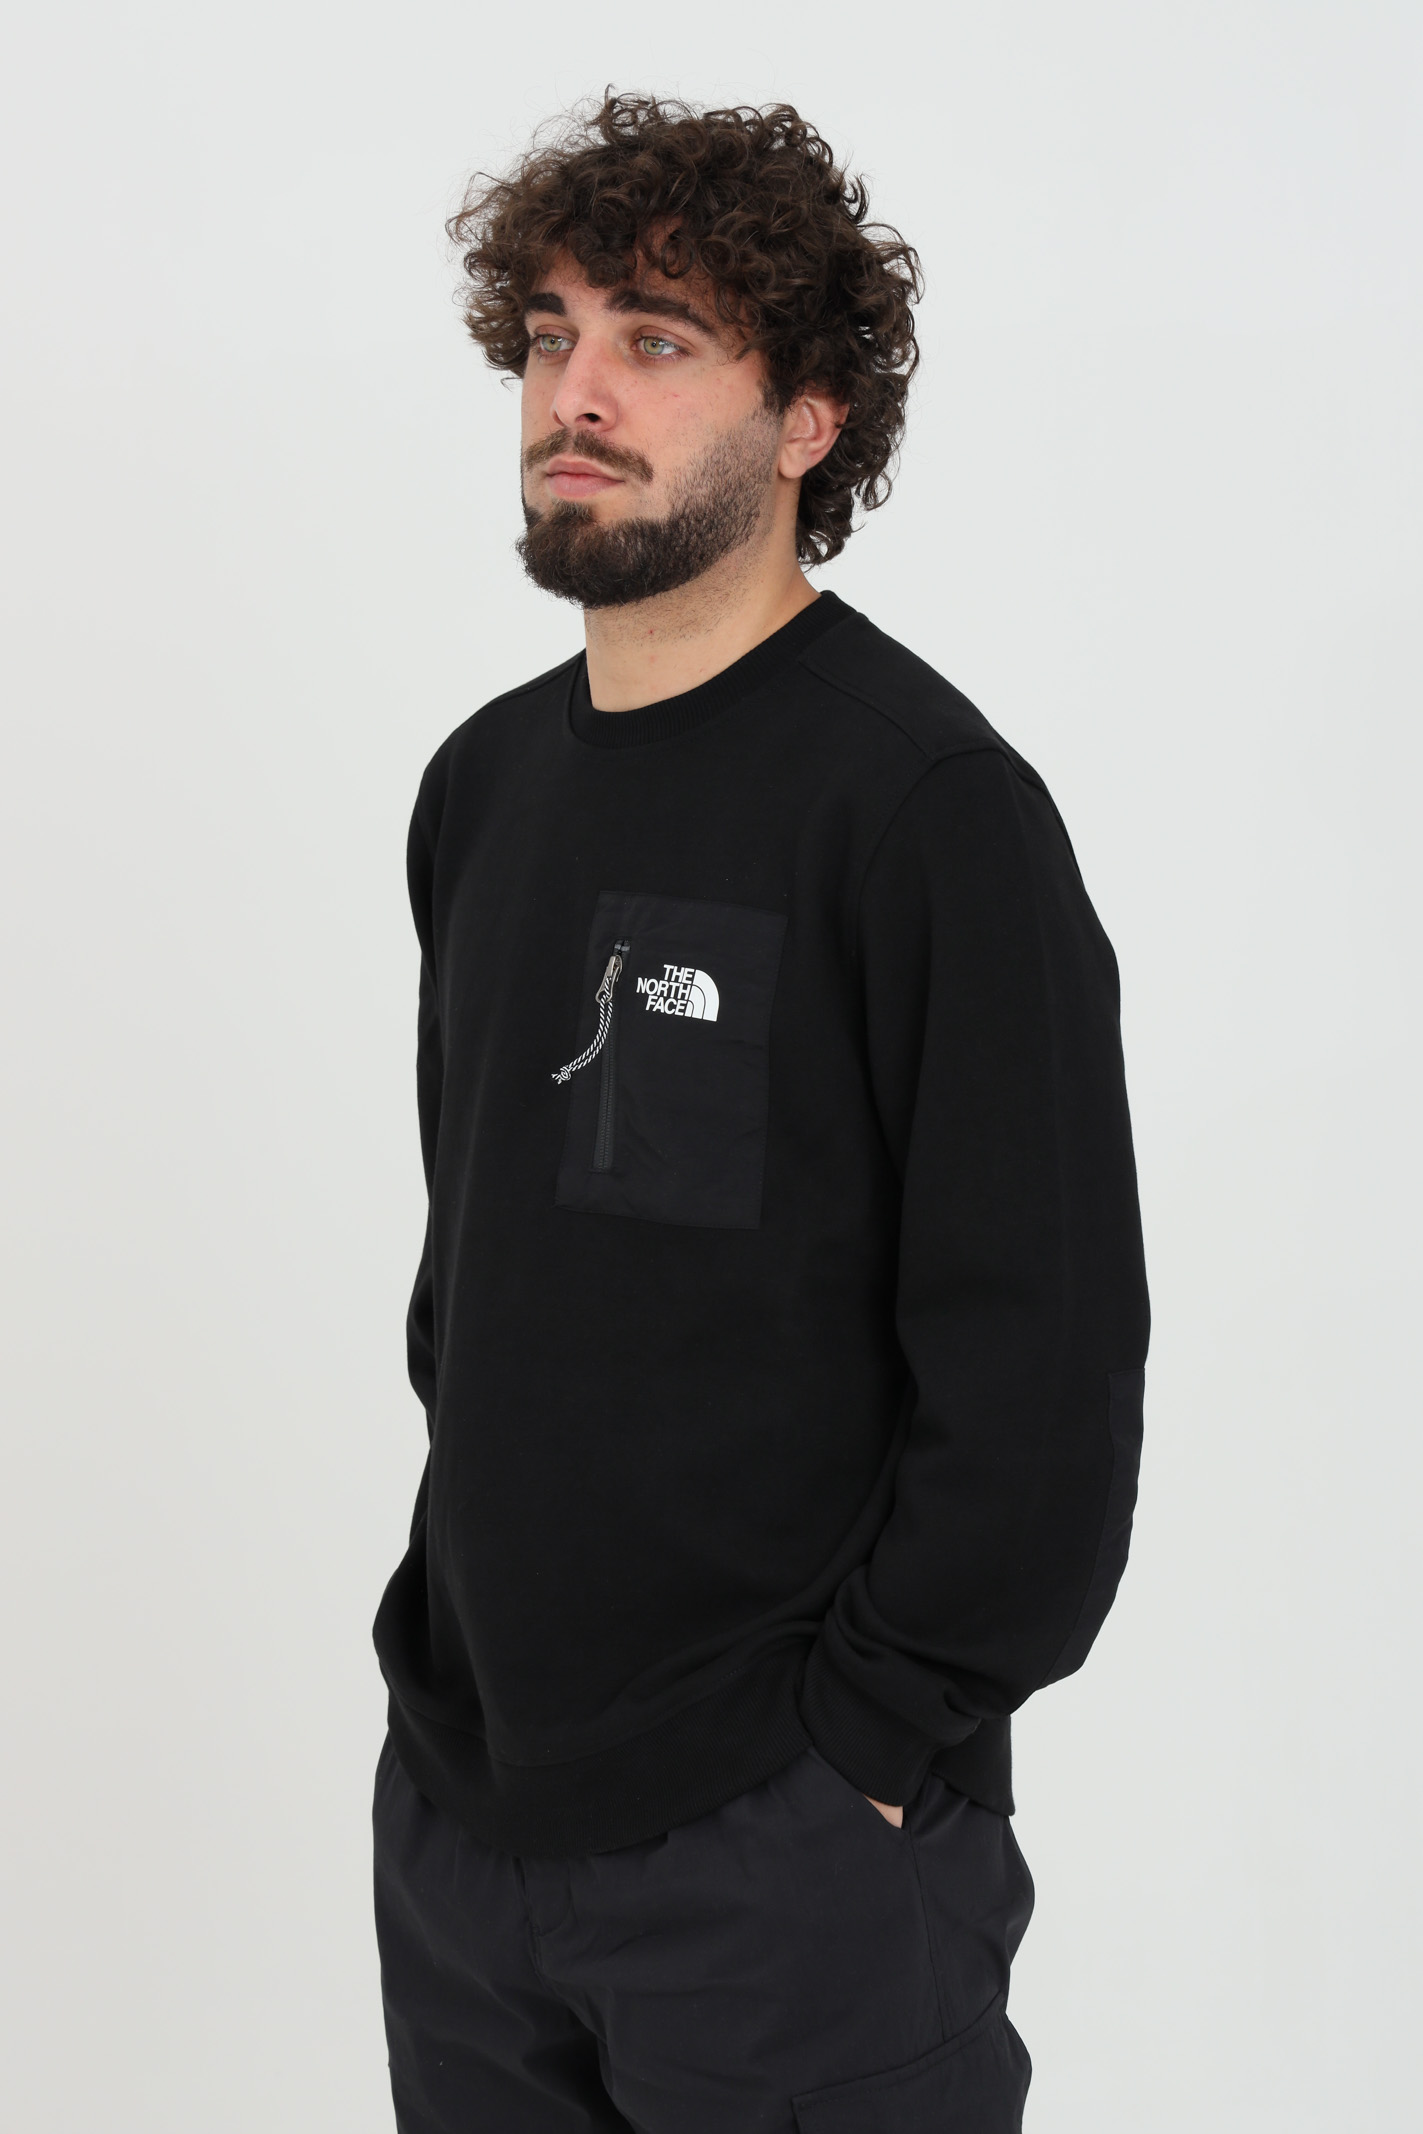 Black sweatshirt with crew neck, brand: The north face THE NORTH FACE | Sweatshirt | NF0A5316JK31JK31